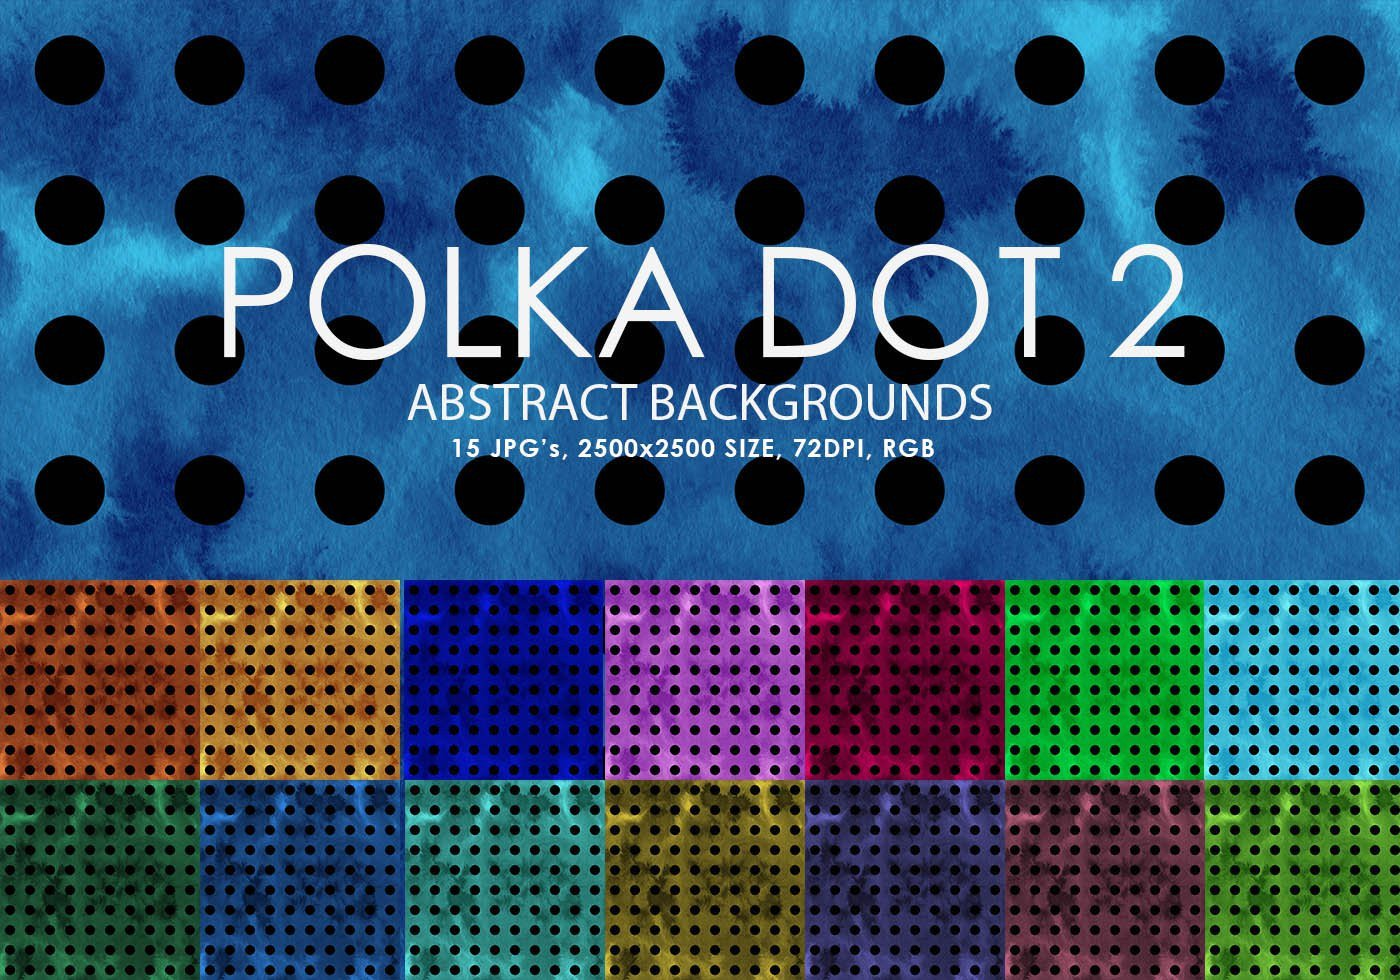 Polka Dot Brush Photoshop Free Polka Dot Backgrounds 2 Free Shop Brushes at